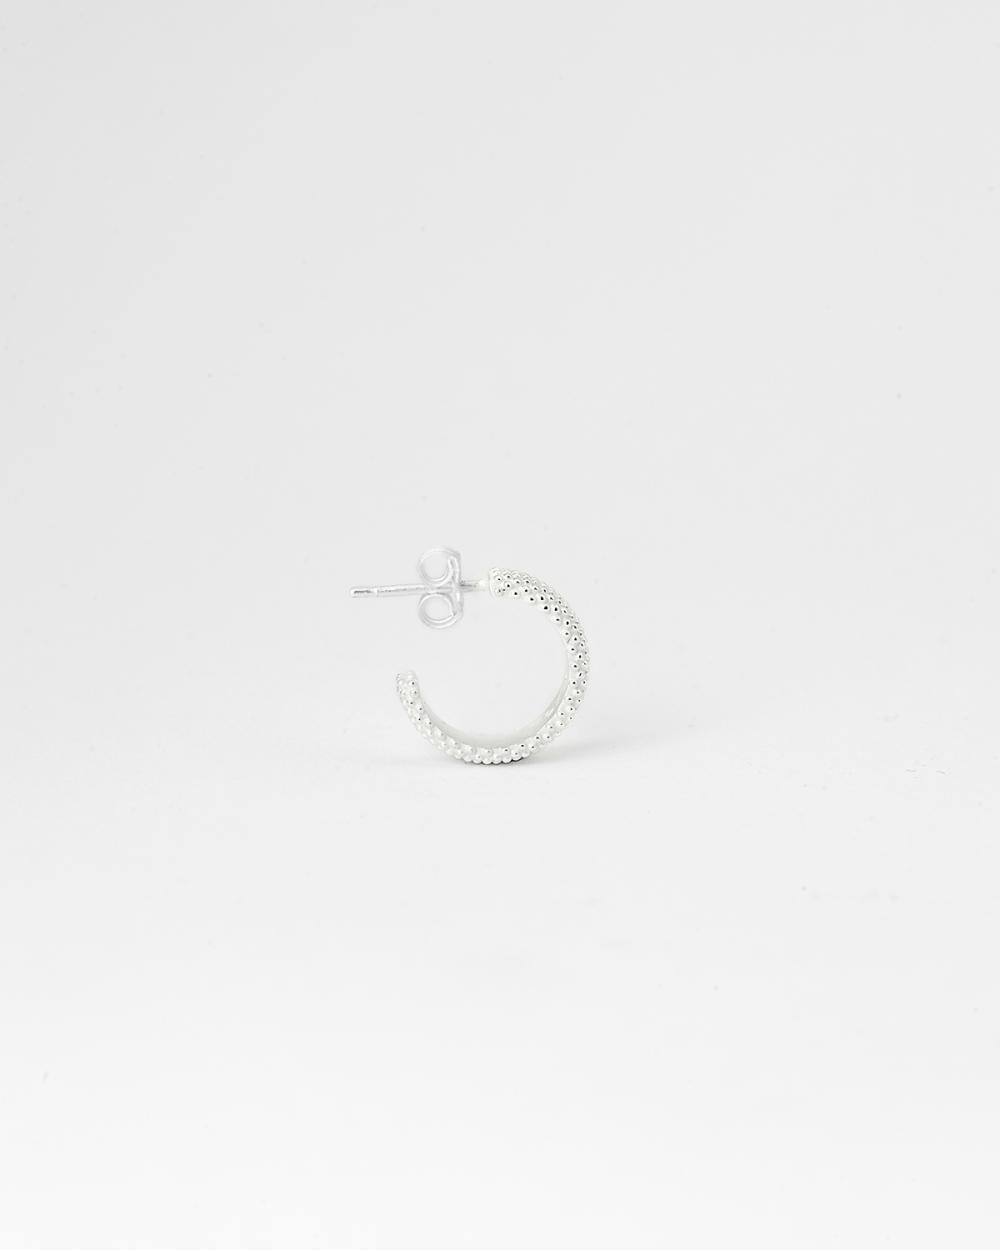 orecchino singolo cerchio puntinato piccolo bianco